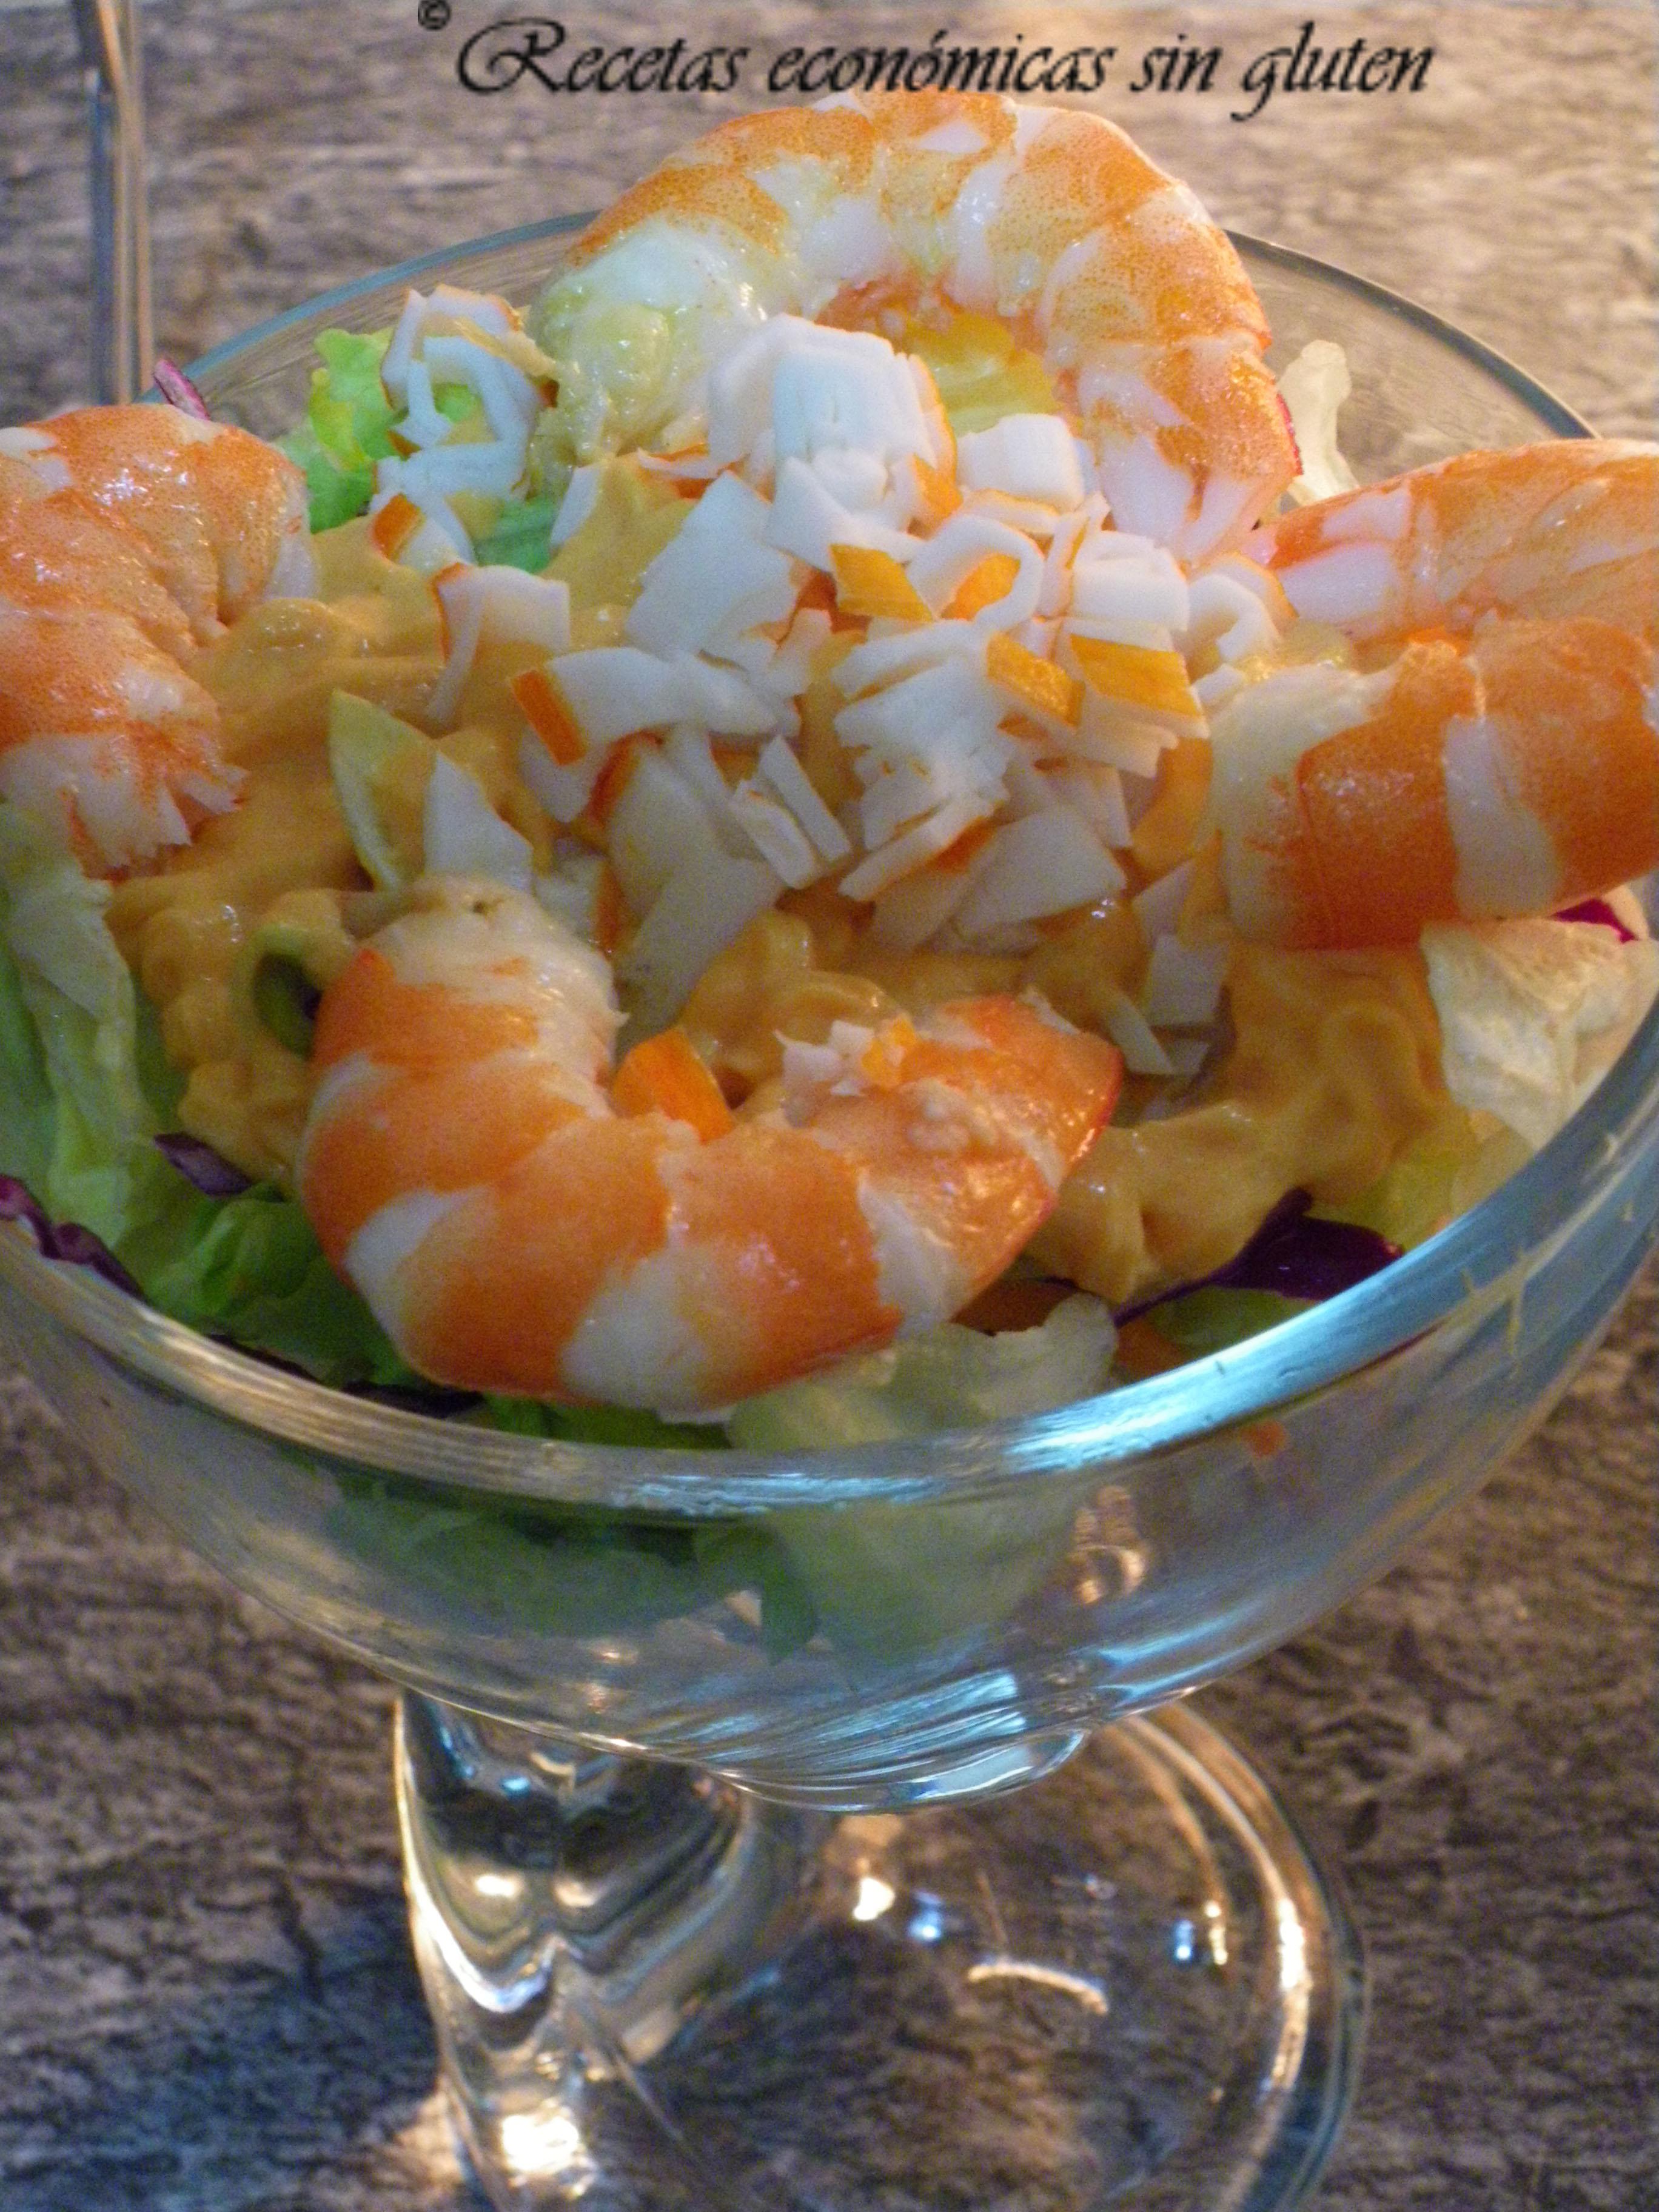 Coctel de marisco cocina econ mica sin gluten - Coctel de marisco ingredientes ...